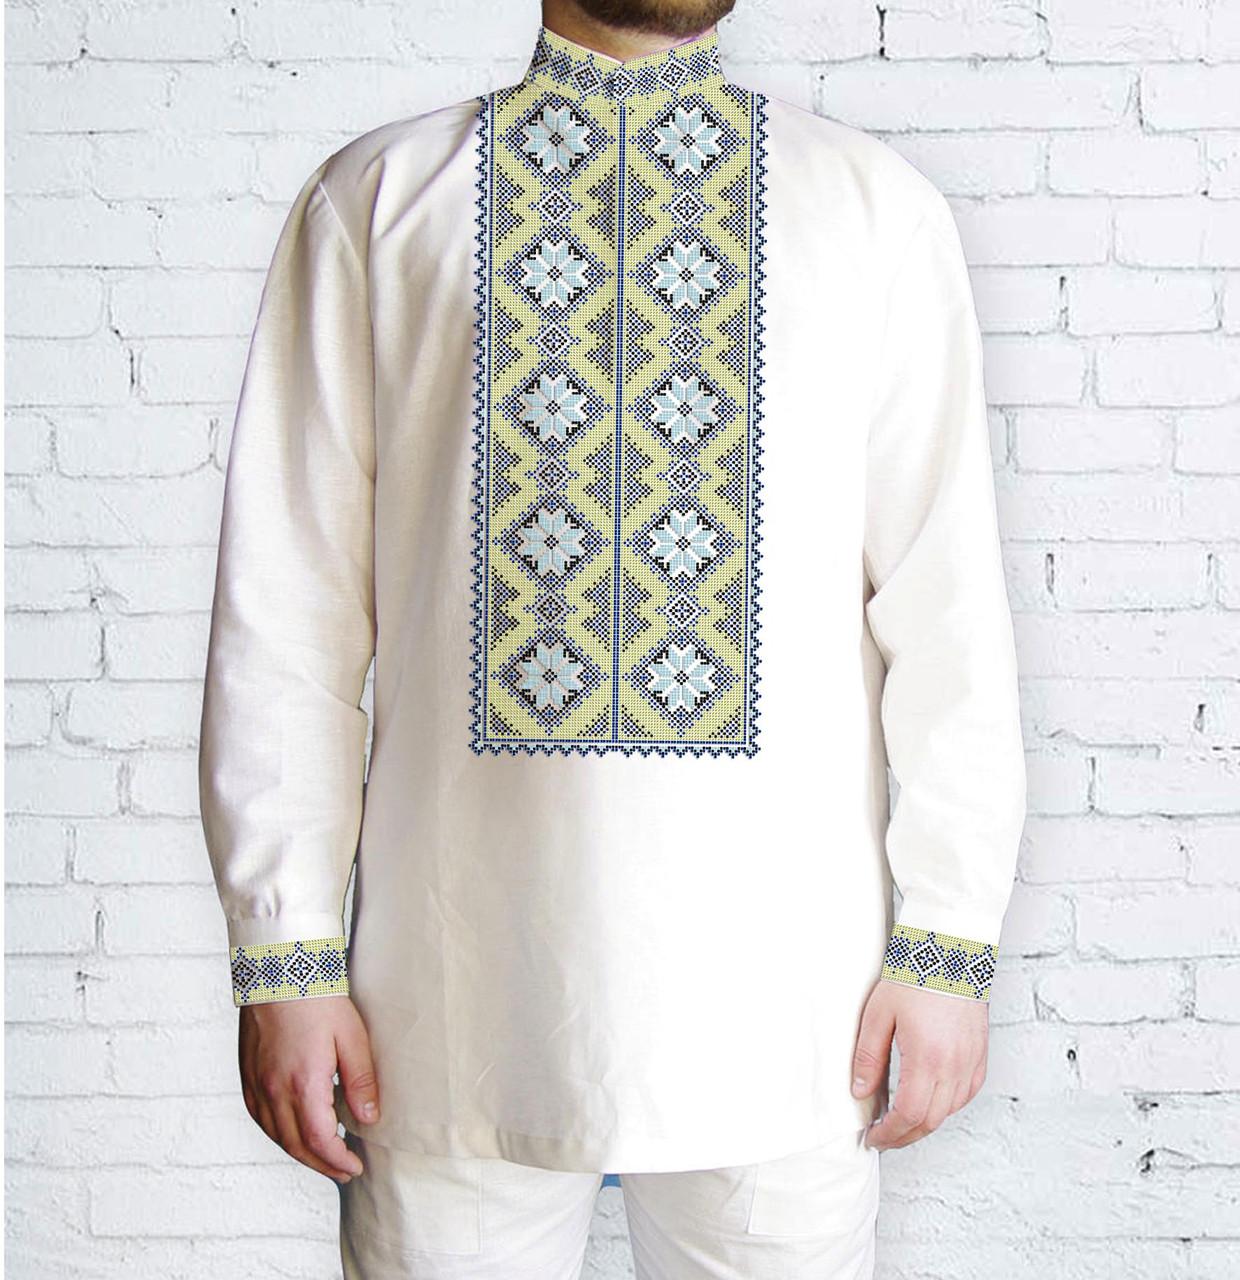 Заготовка чоловічої сорочки та вишиванки для вишивки чи вишивання бісером Бисерок «Орнамент 571» (Ч-571 )